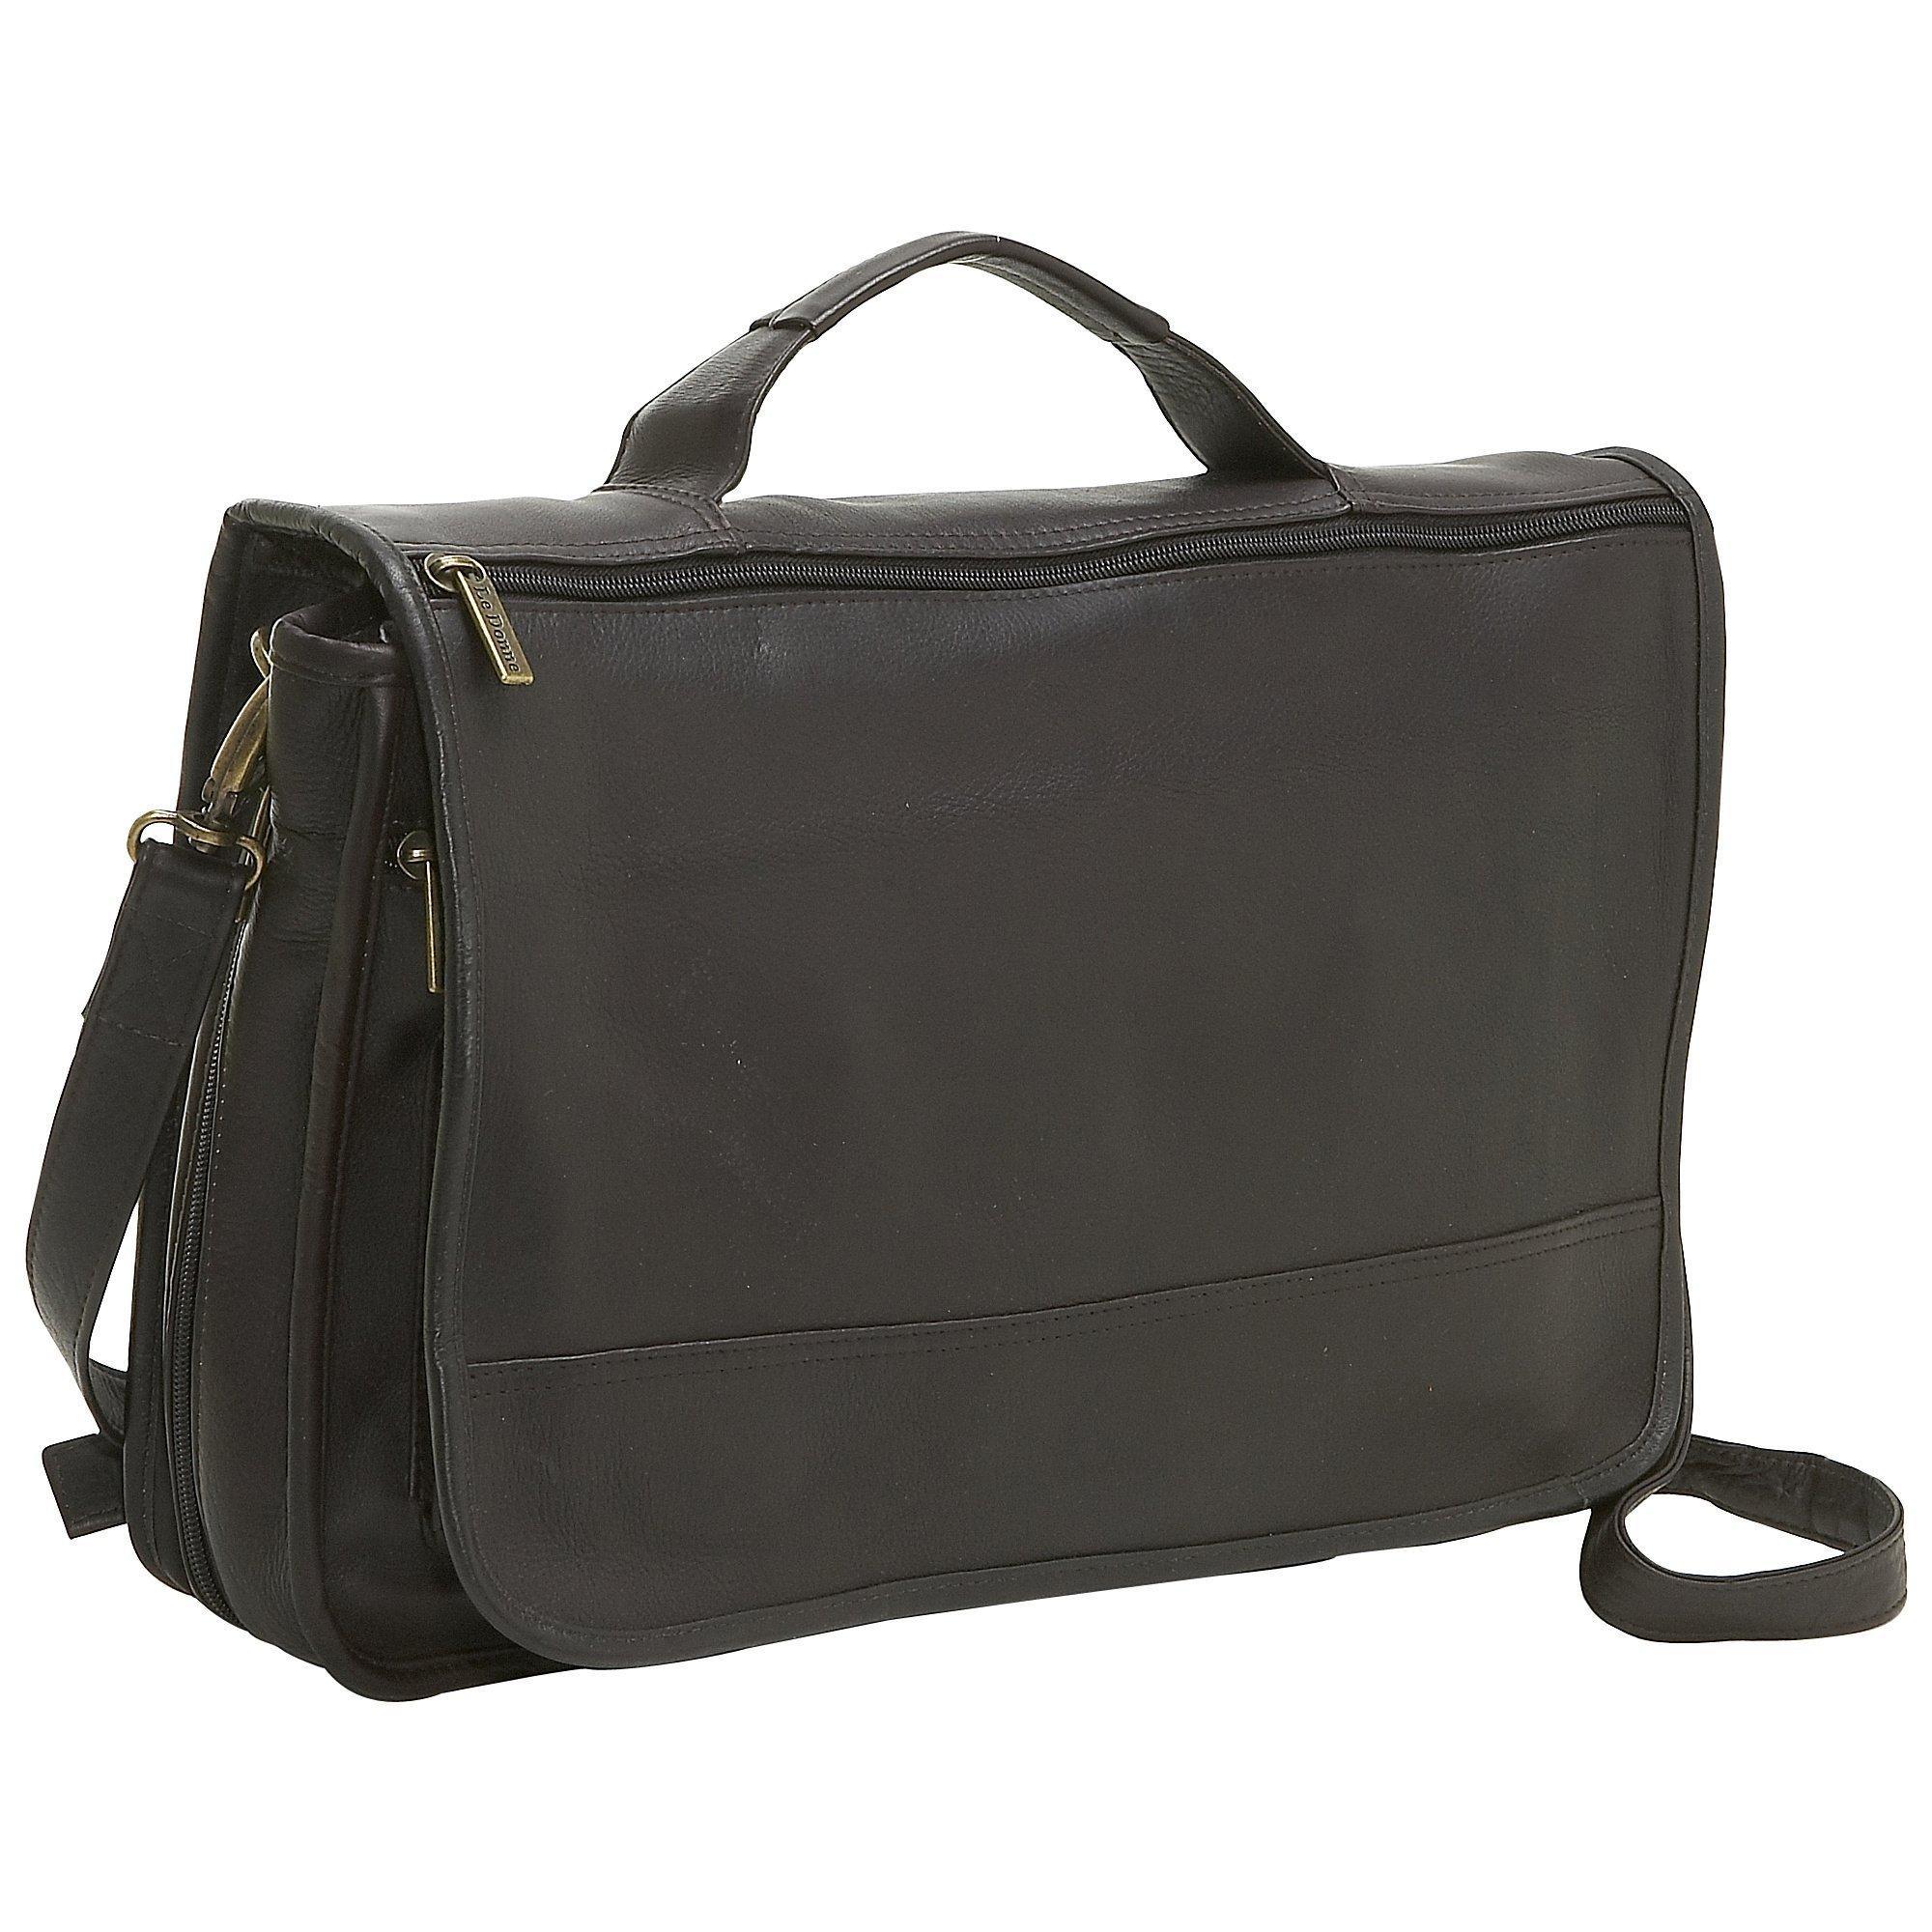 Le Donne Leather Expandable Messenger Bag, Cafe